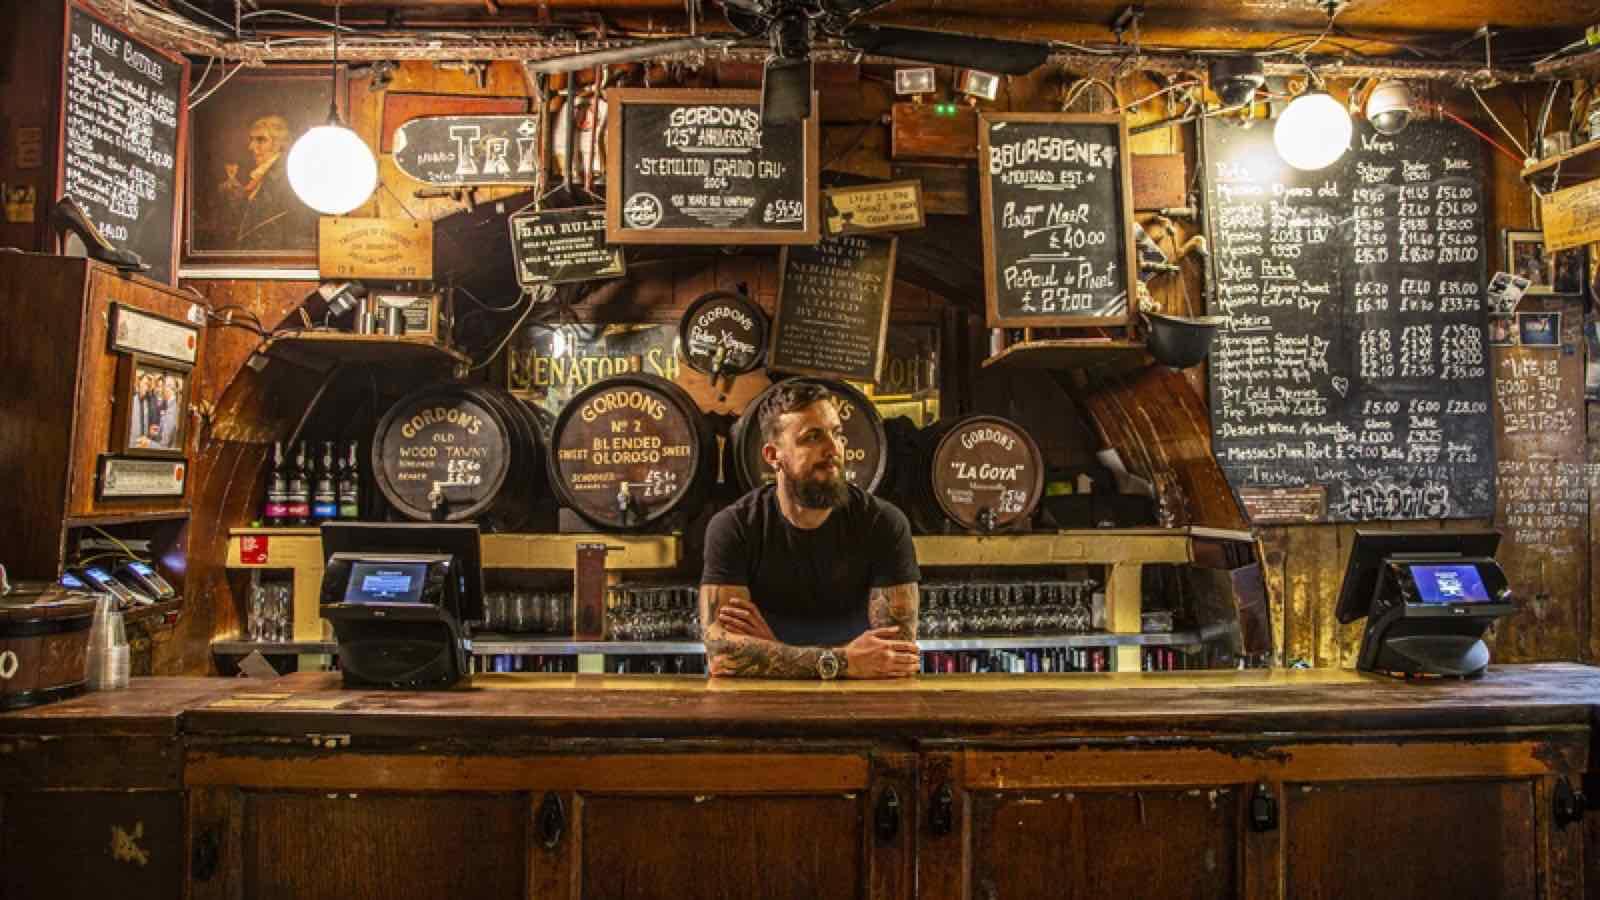 Gordons recognised as London's oldest wine bar, established in 1890